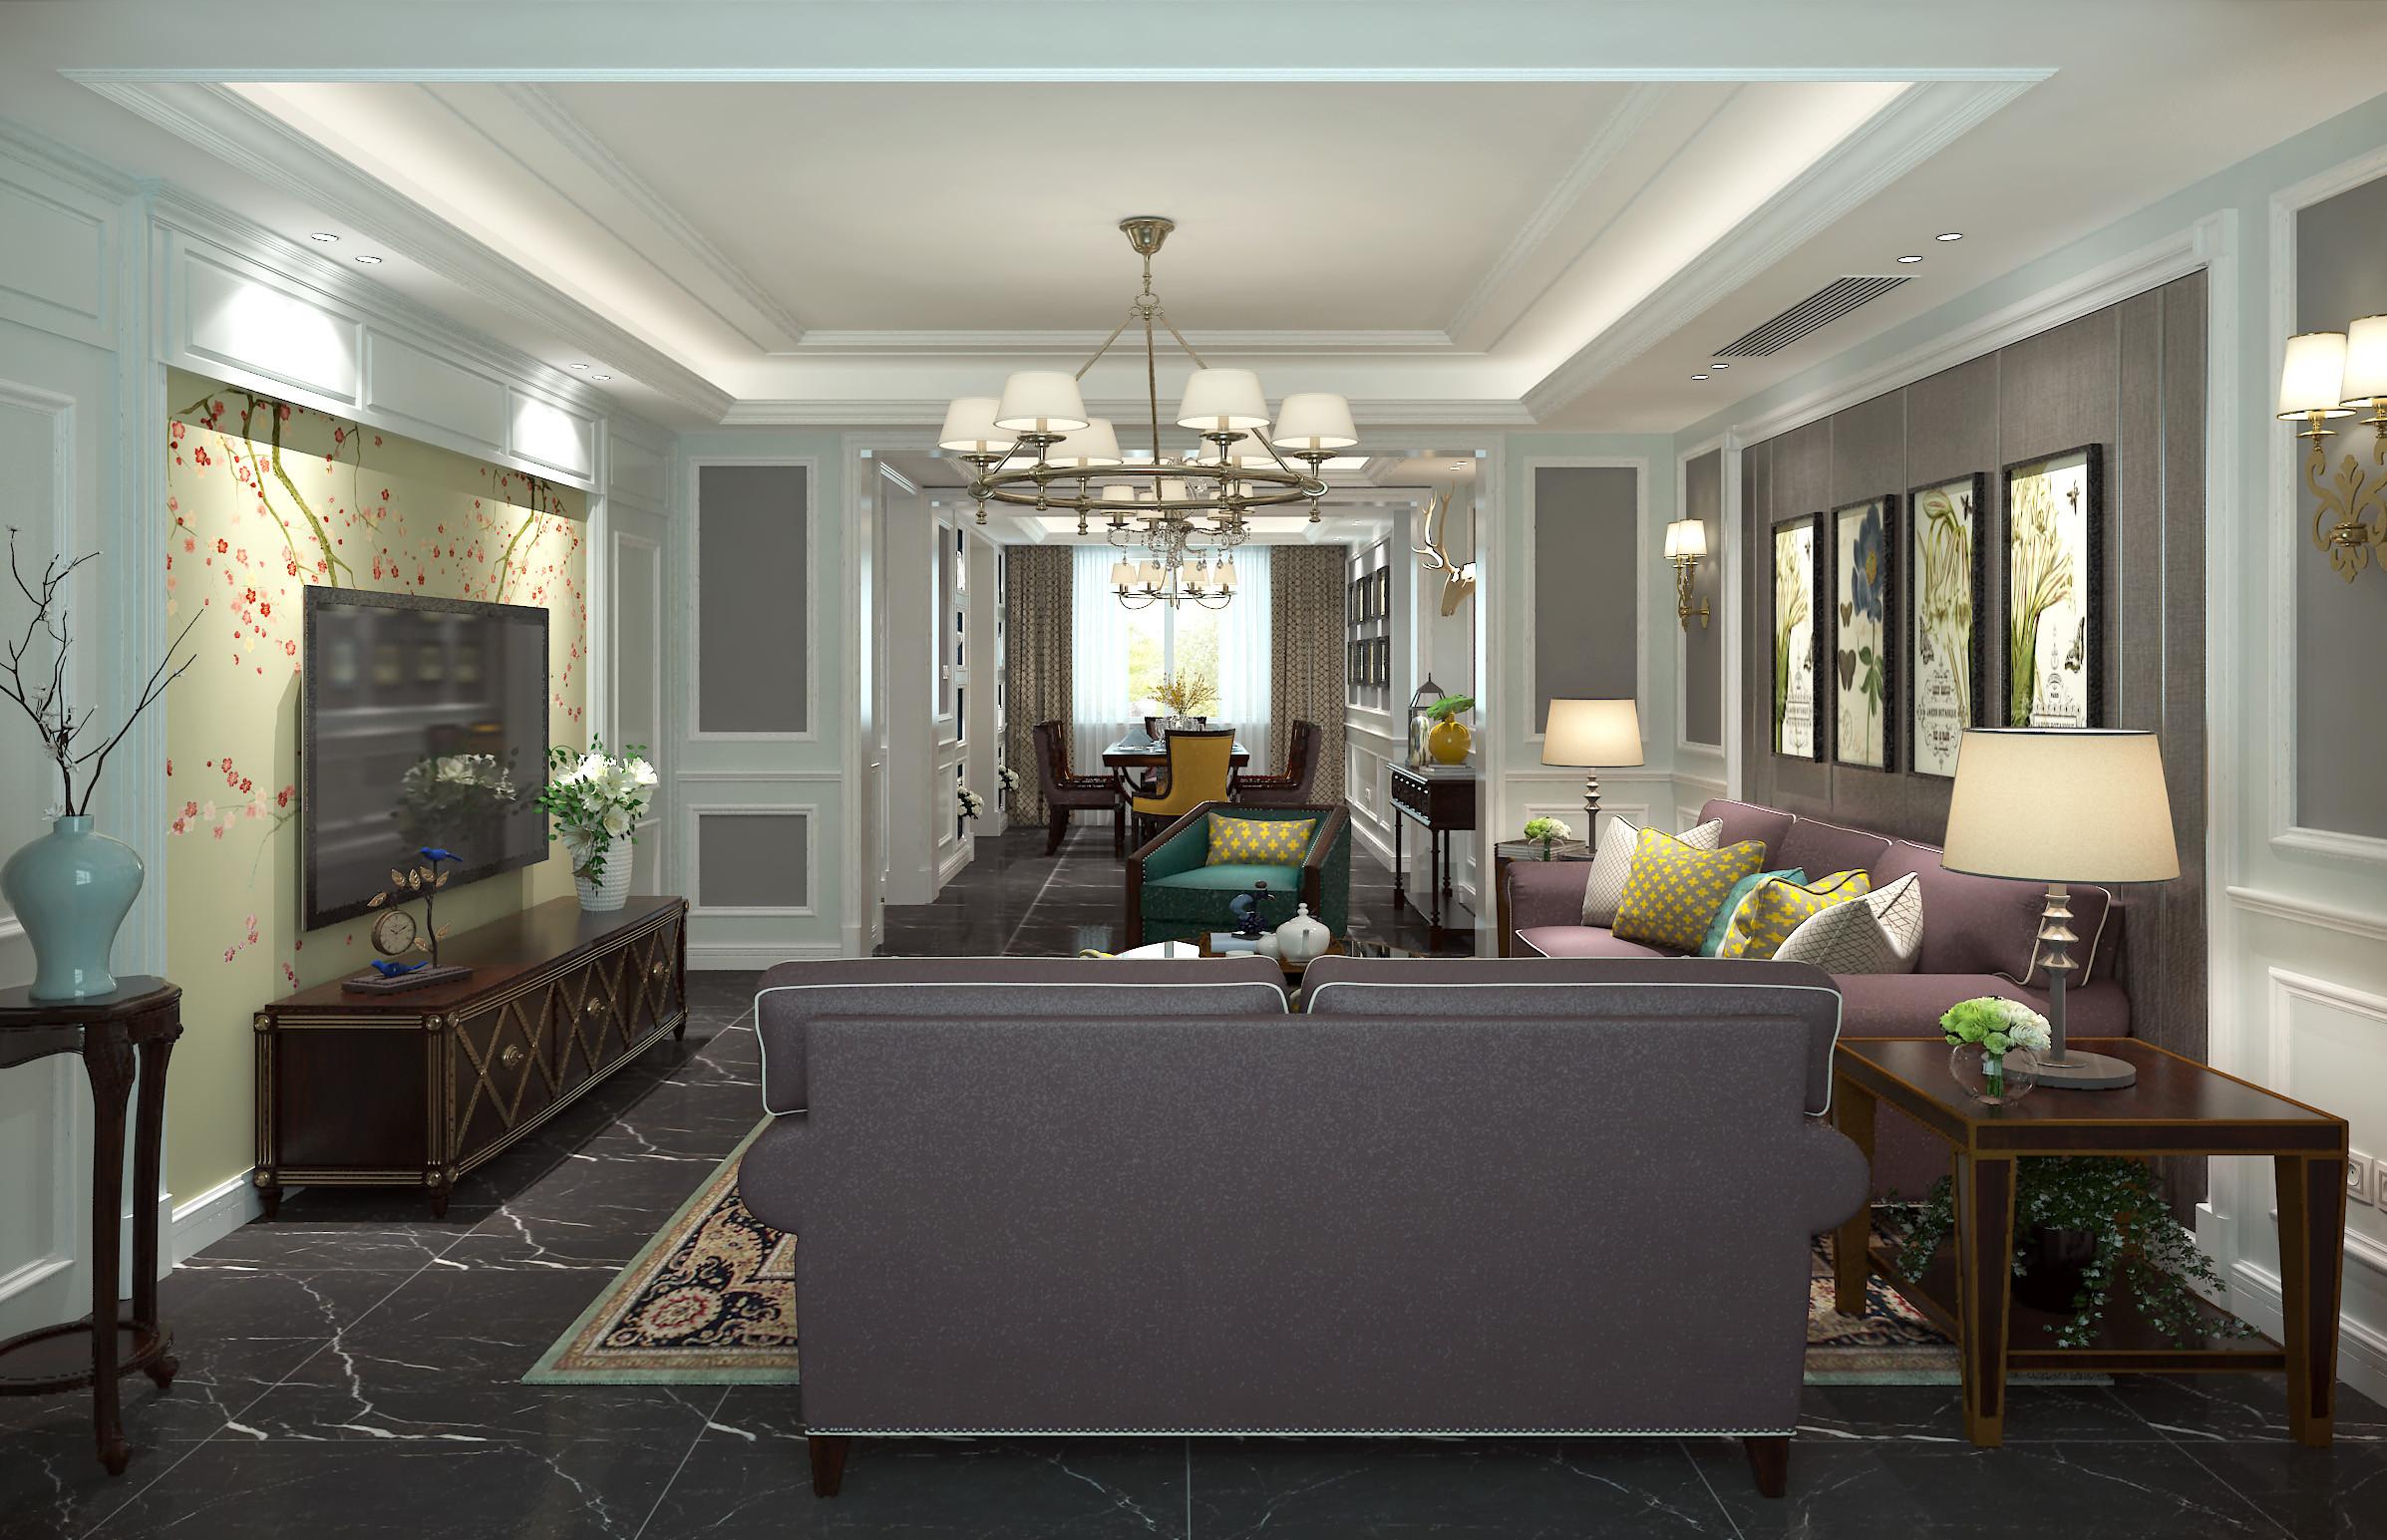 美式风格大户型装修客厅效果图